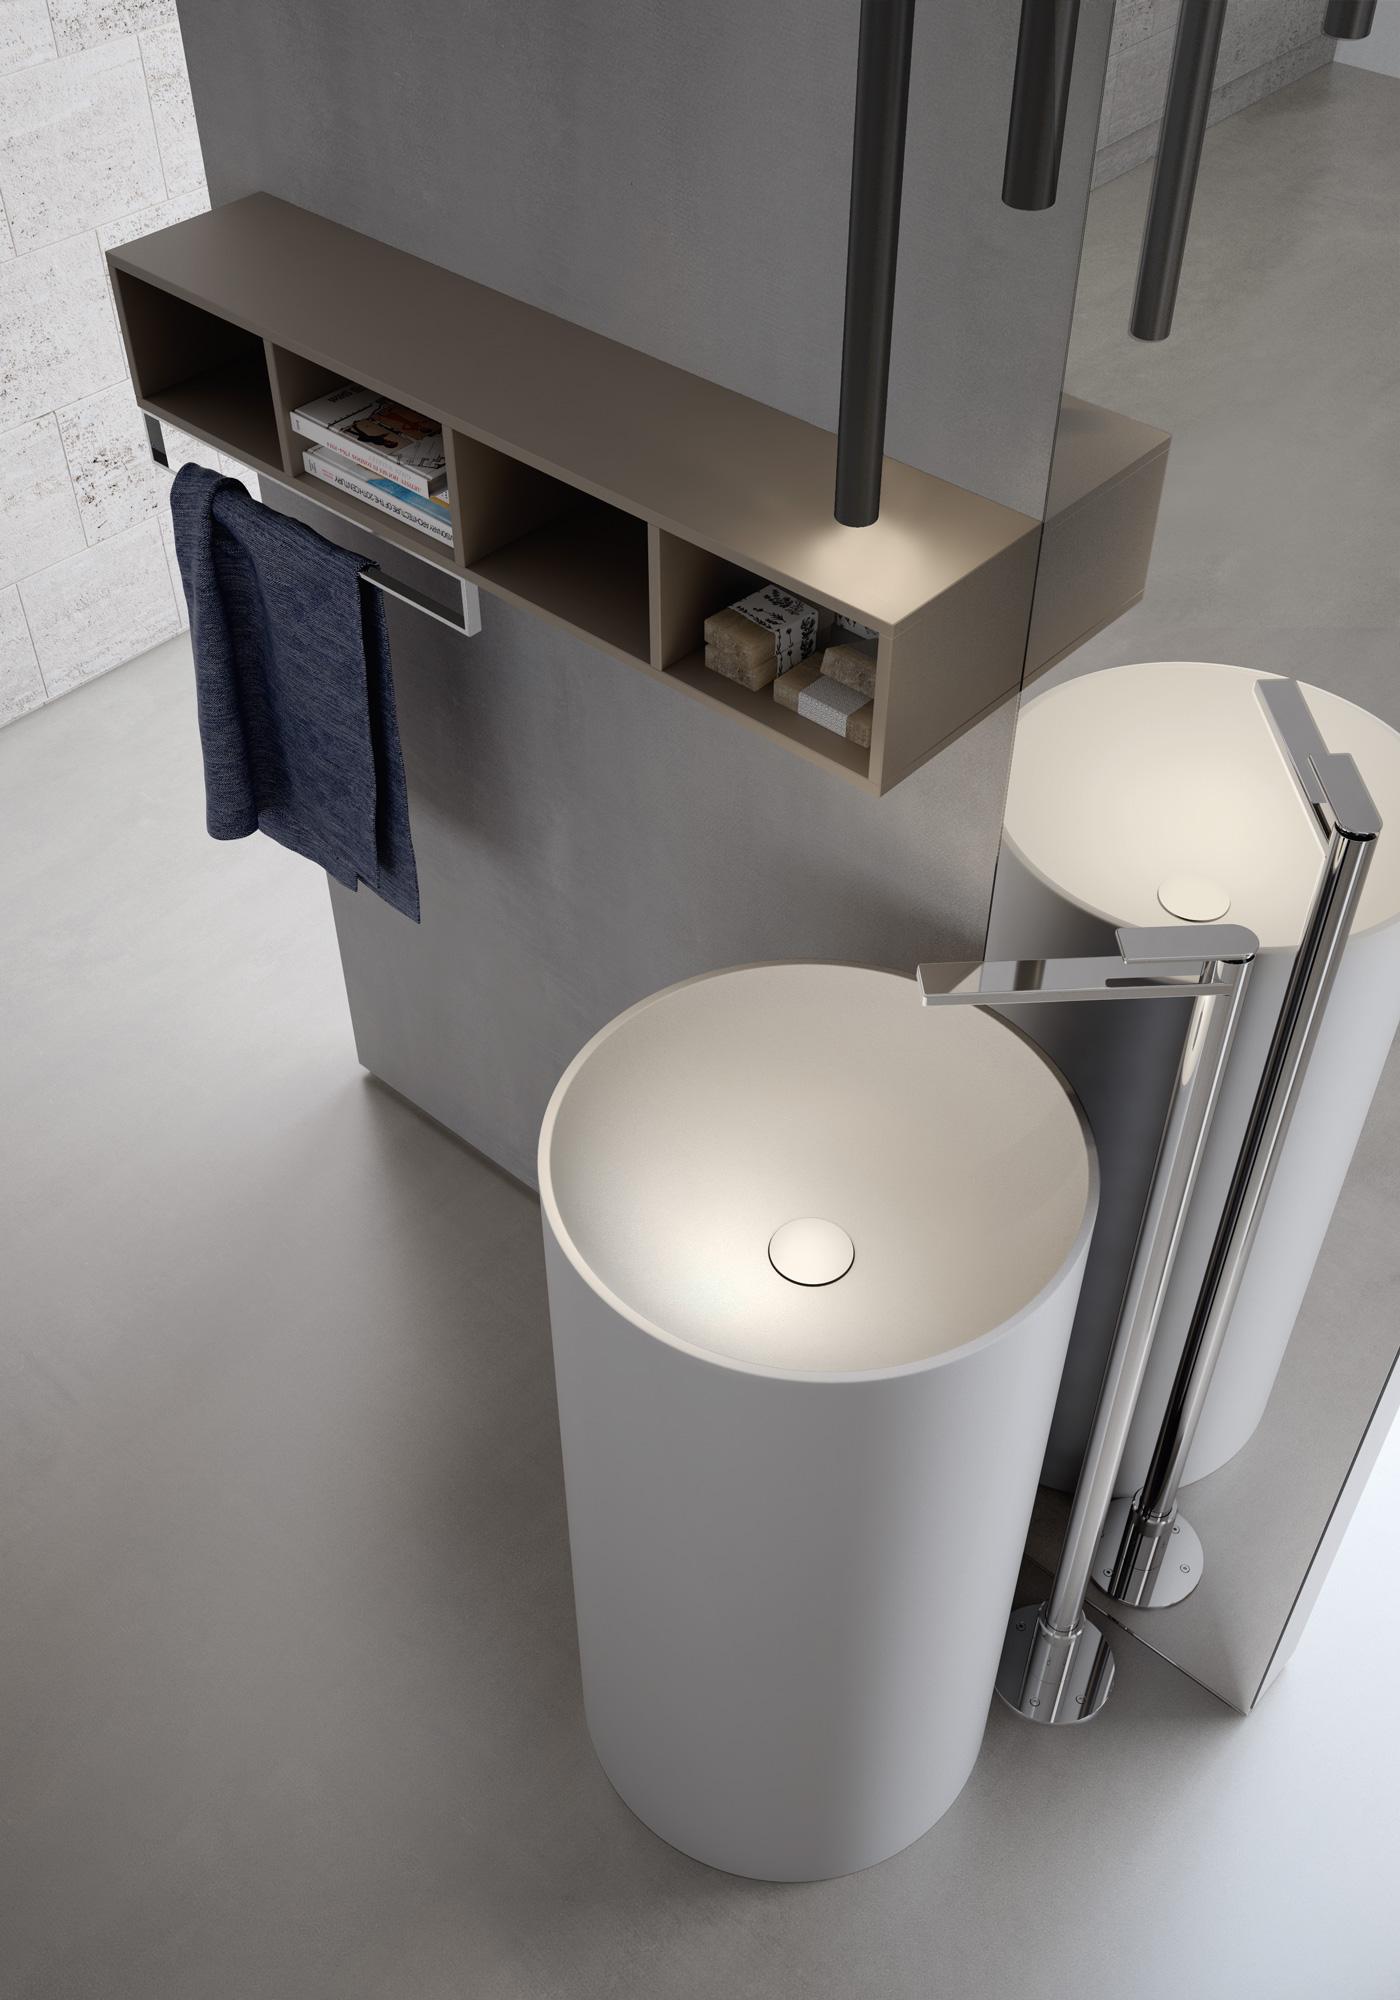 arredamento 2017 - lavabo monoblocco tondo